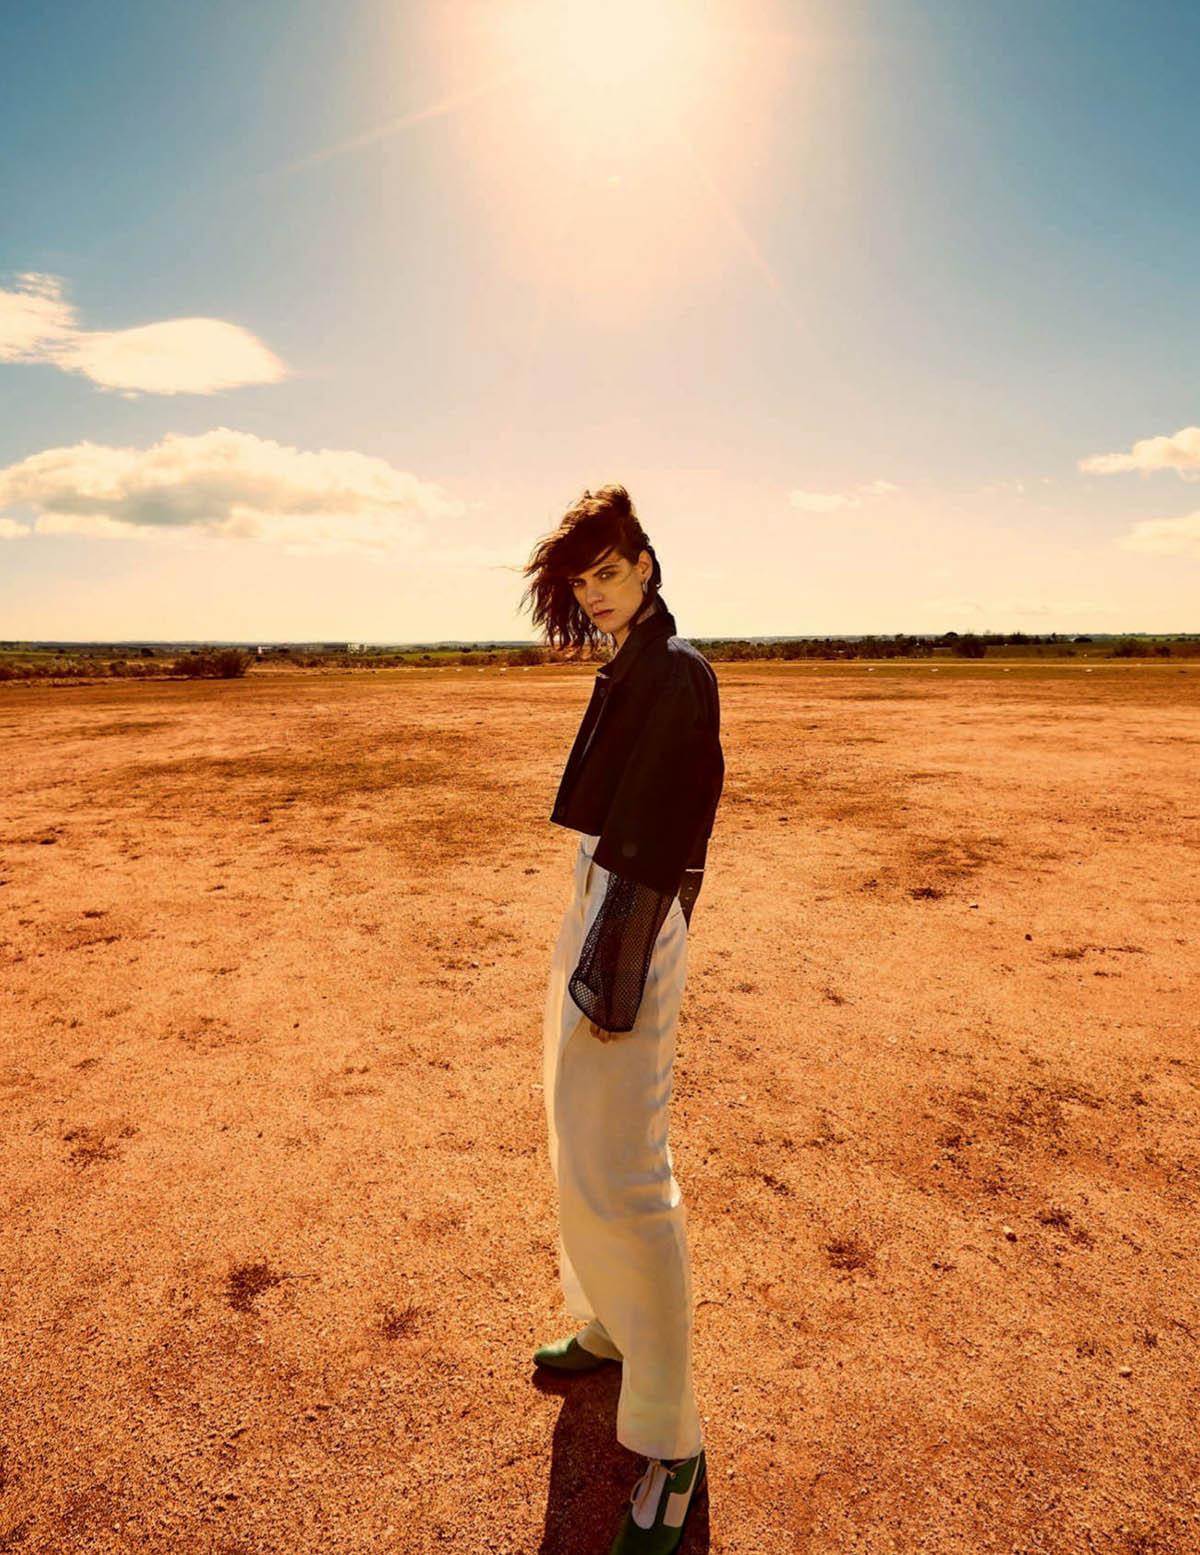 Miriam Sanchez by Miguel Reveriego for Vogue Spain April 2021